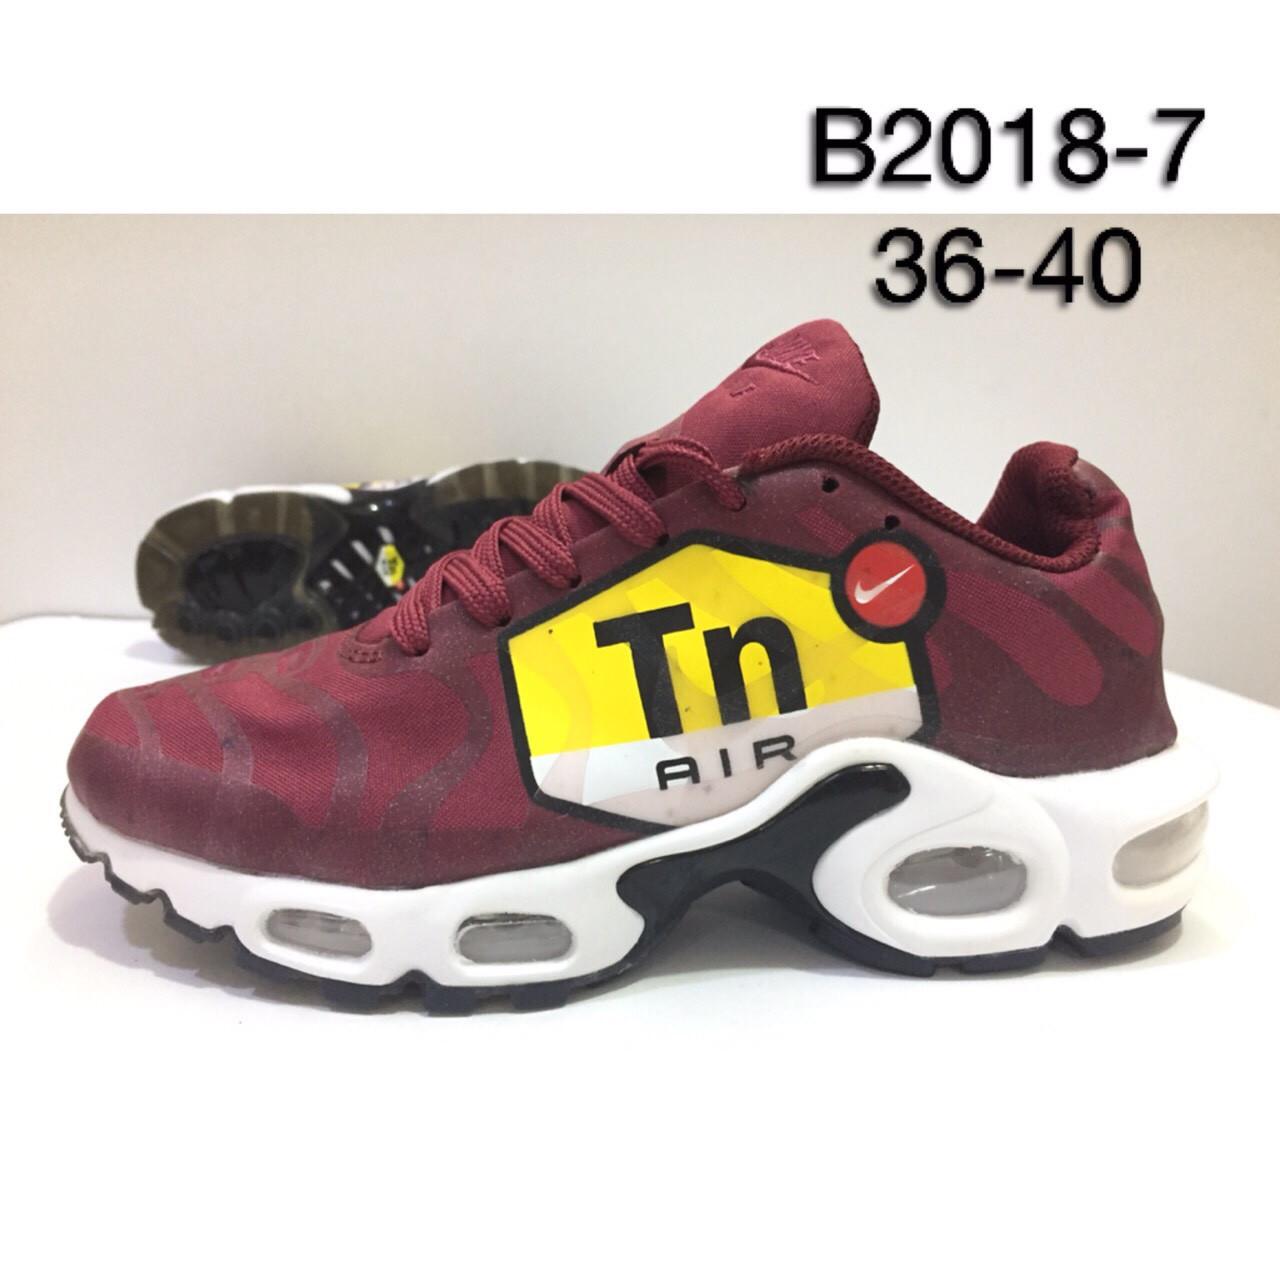 Кроссовки подросток Nike Air Tn оптом (36-40)